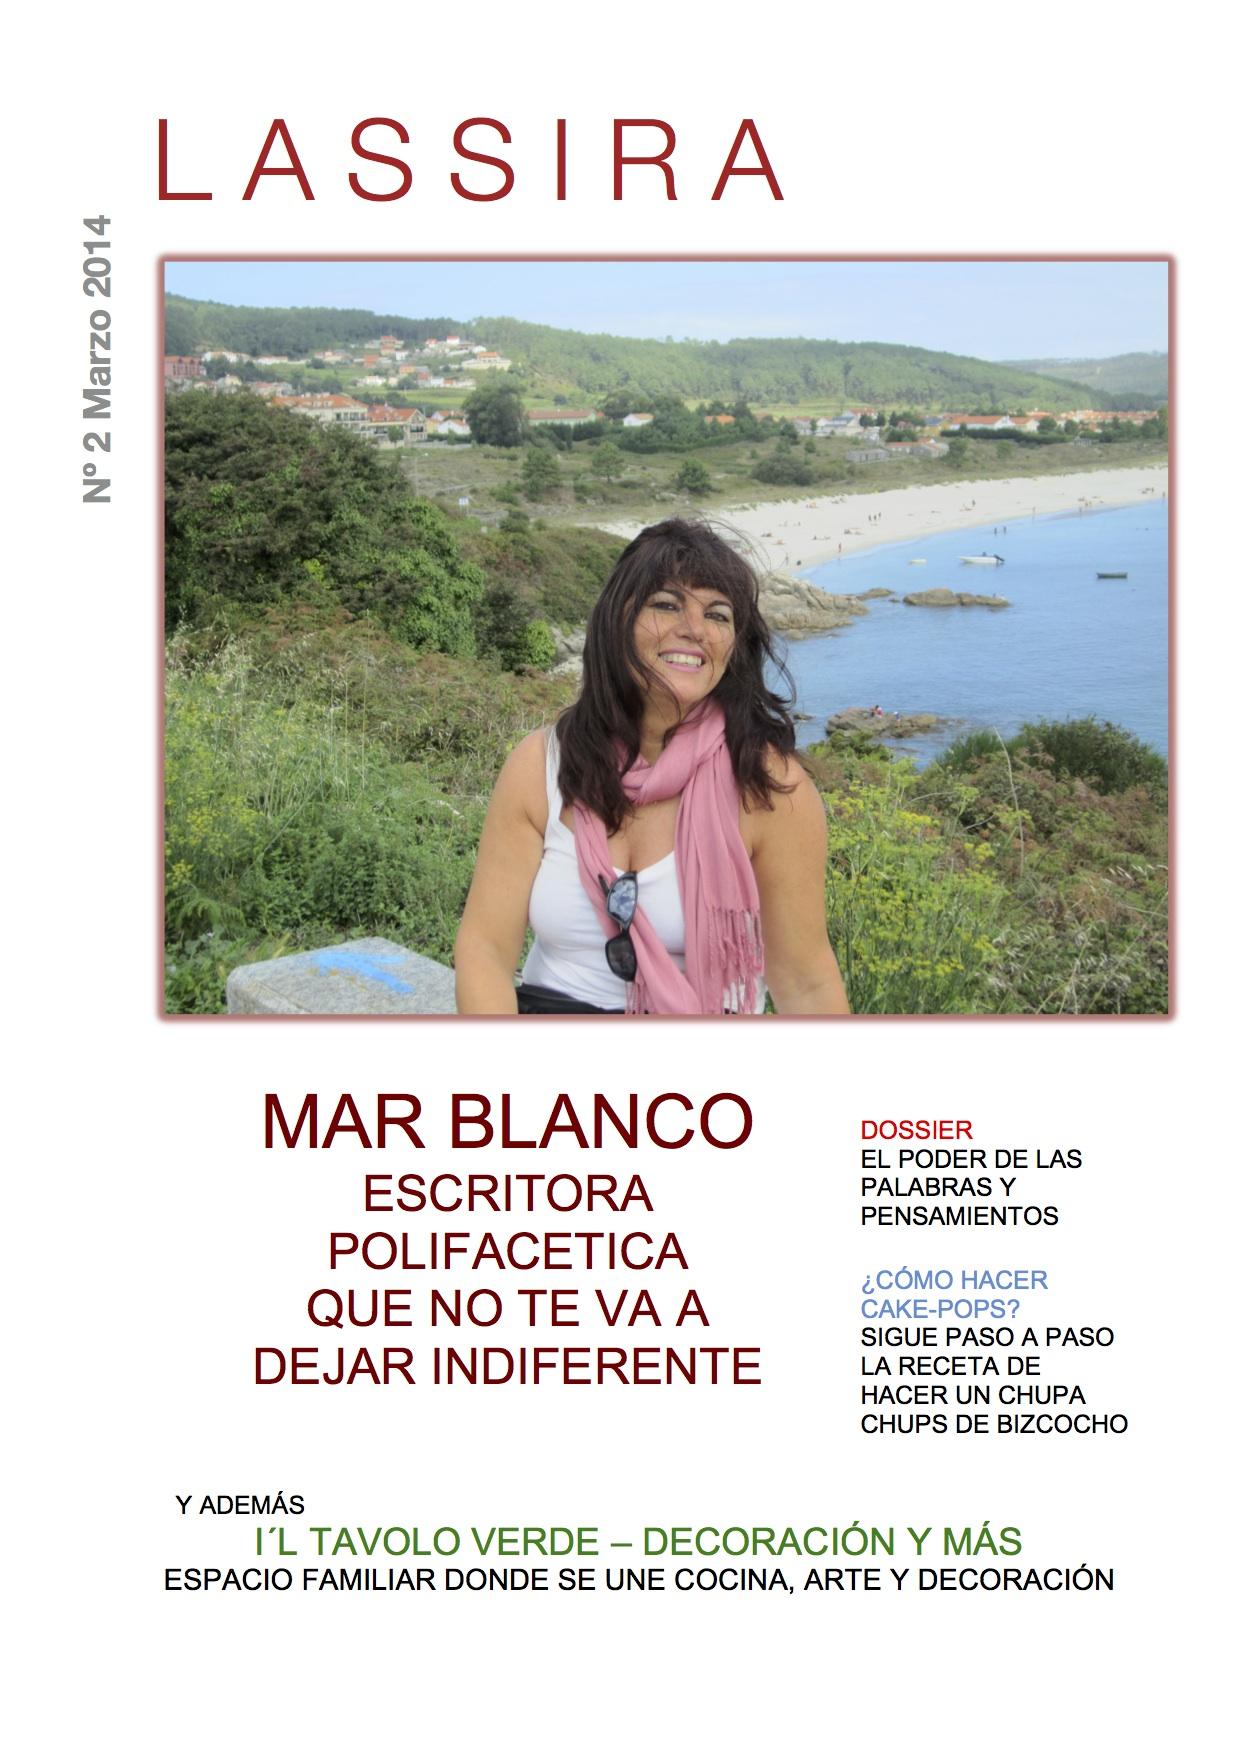 Nº 2 Revista Lassira - Marzo 2014